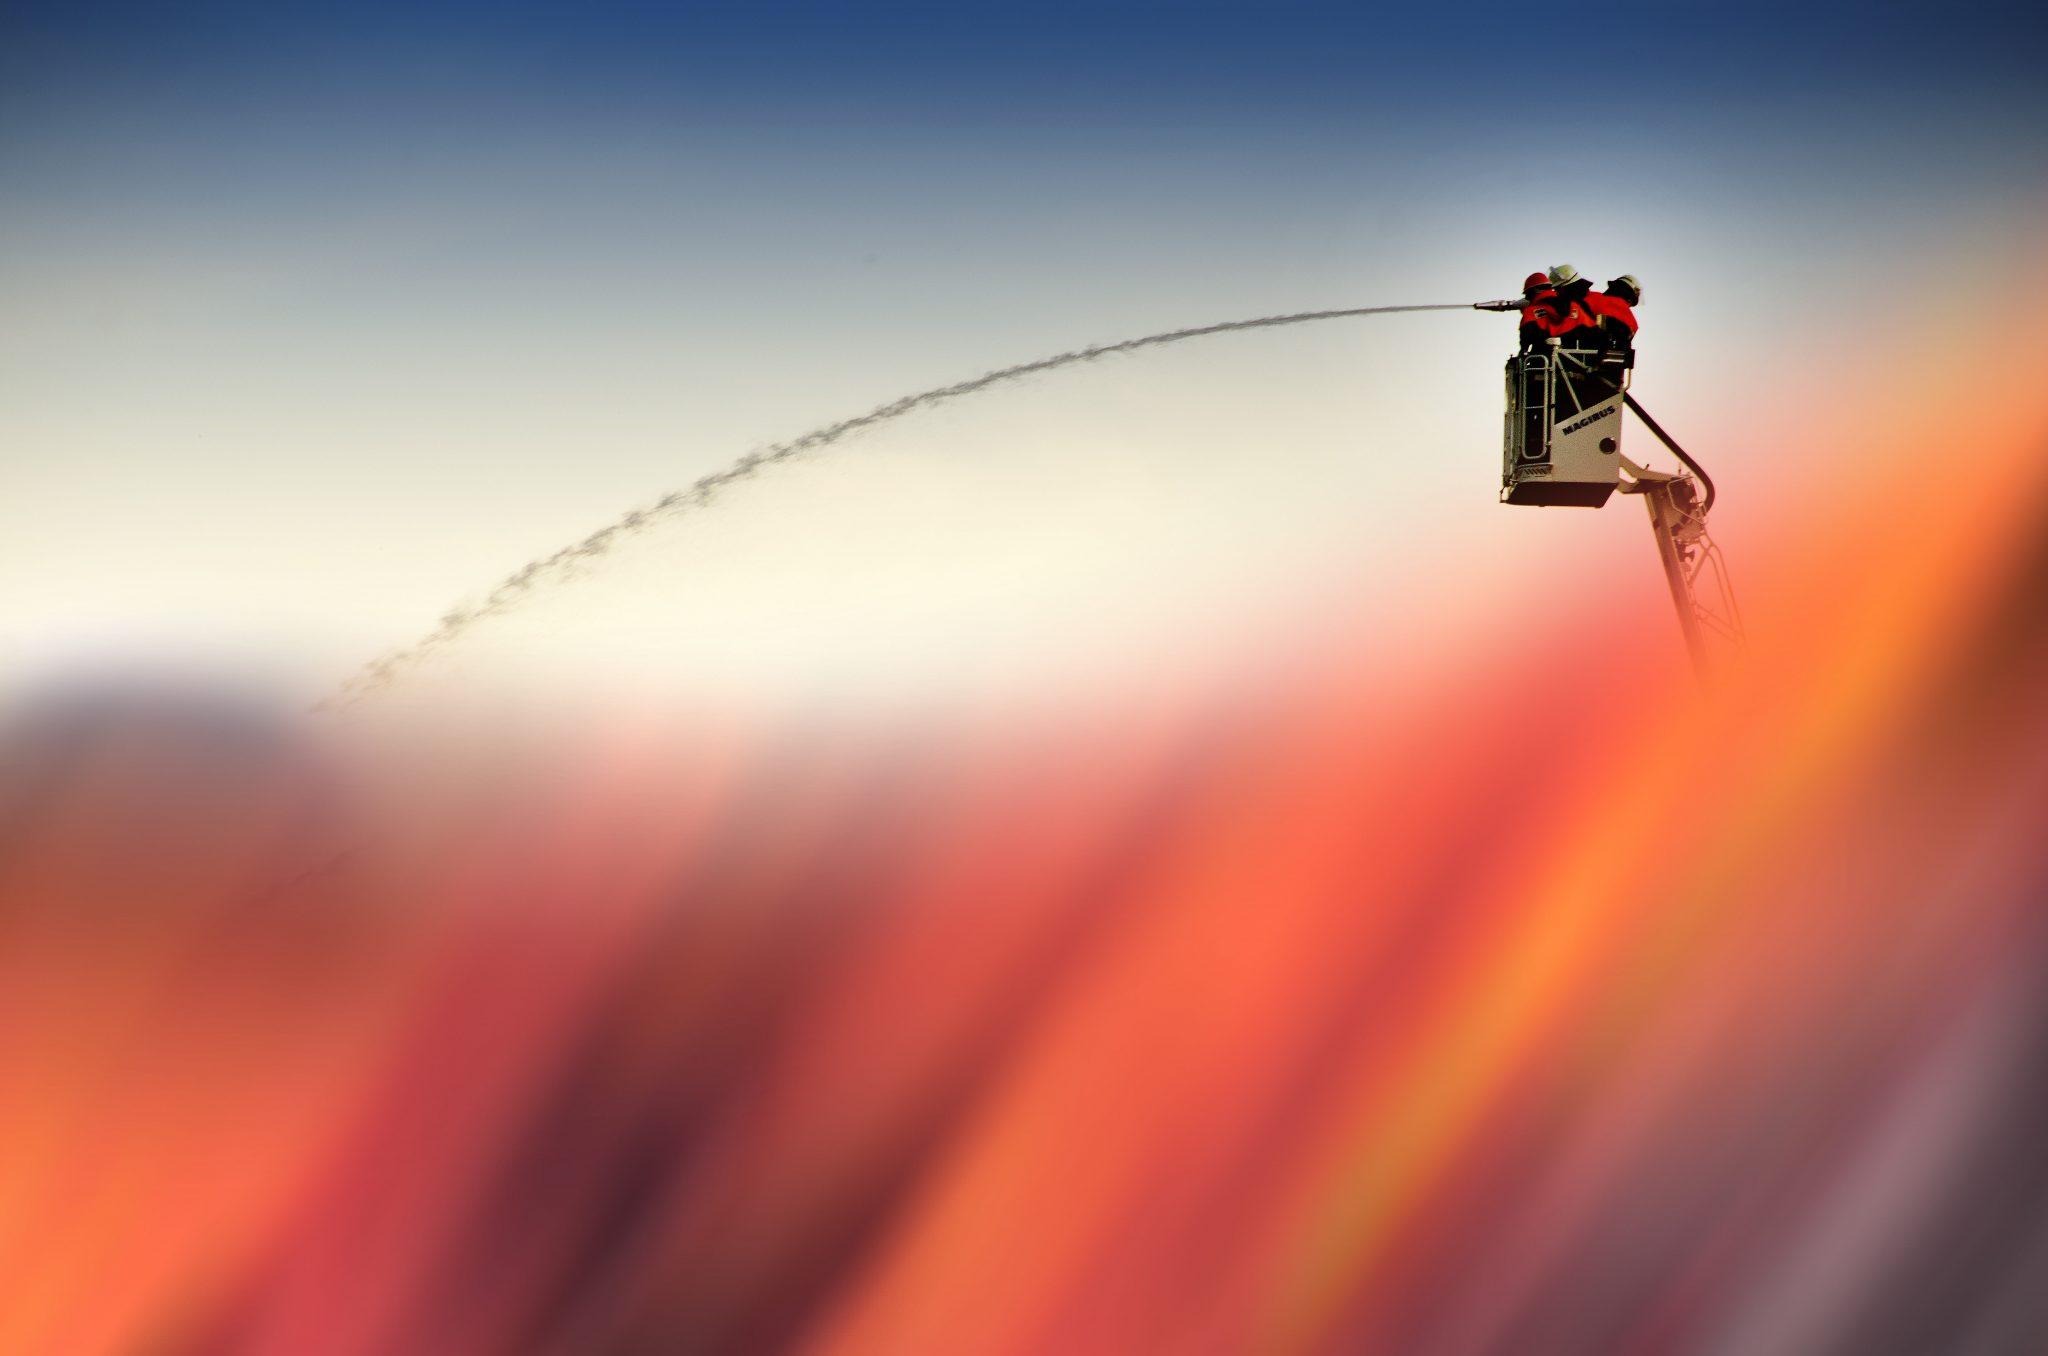 Feuerwehr - Kopie